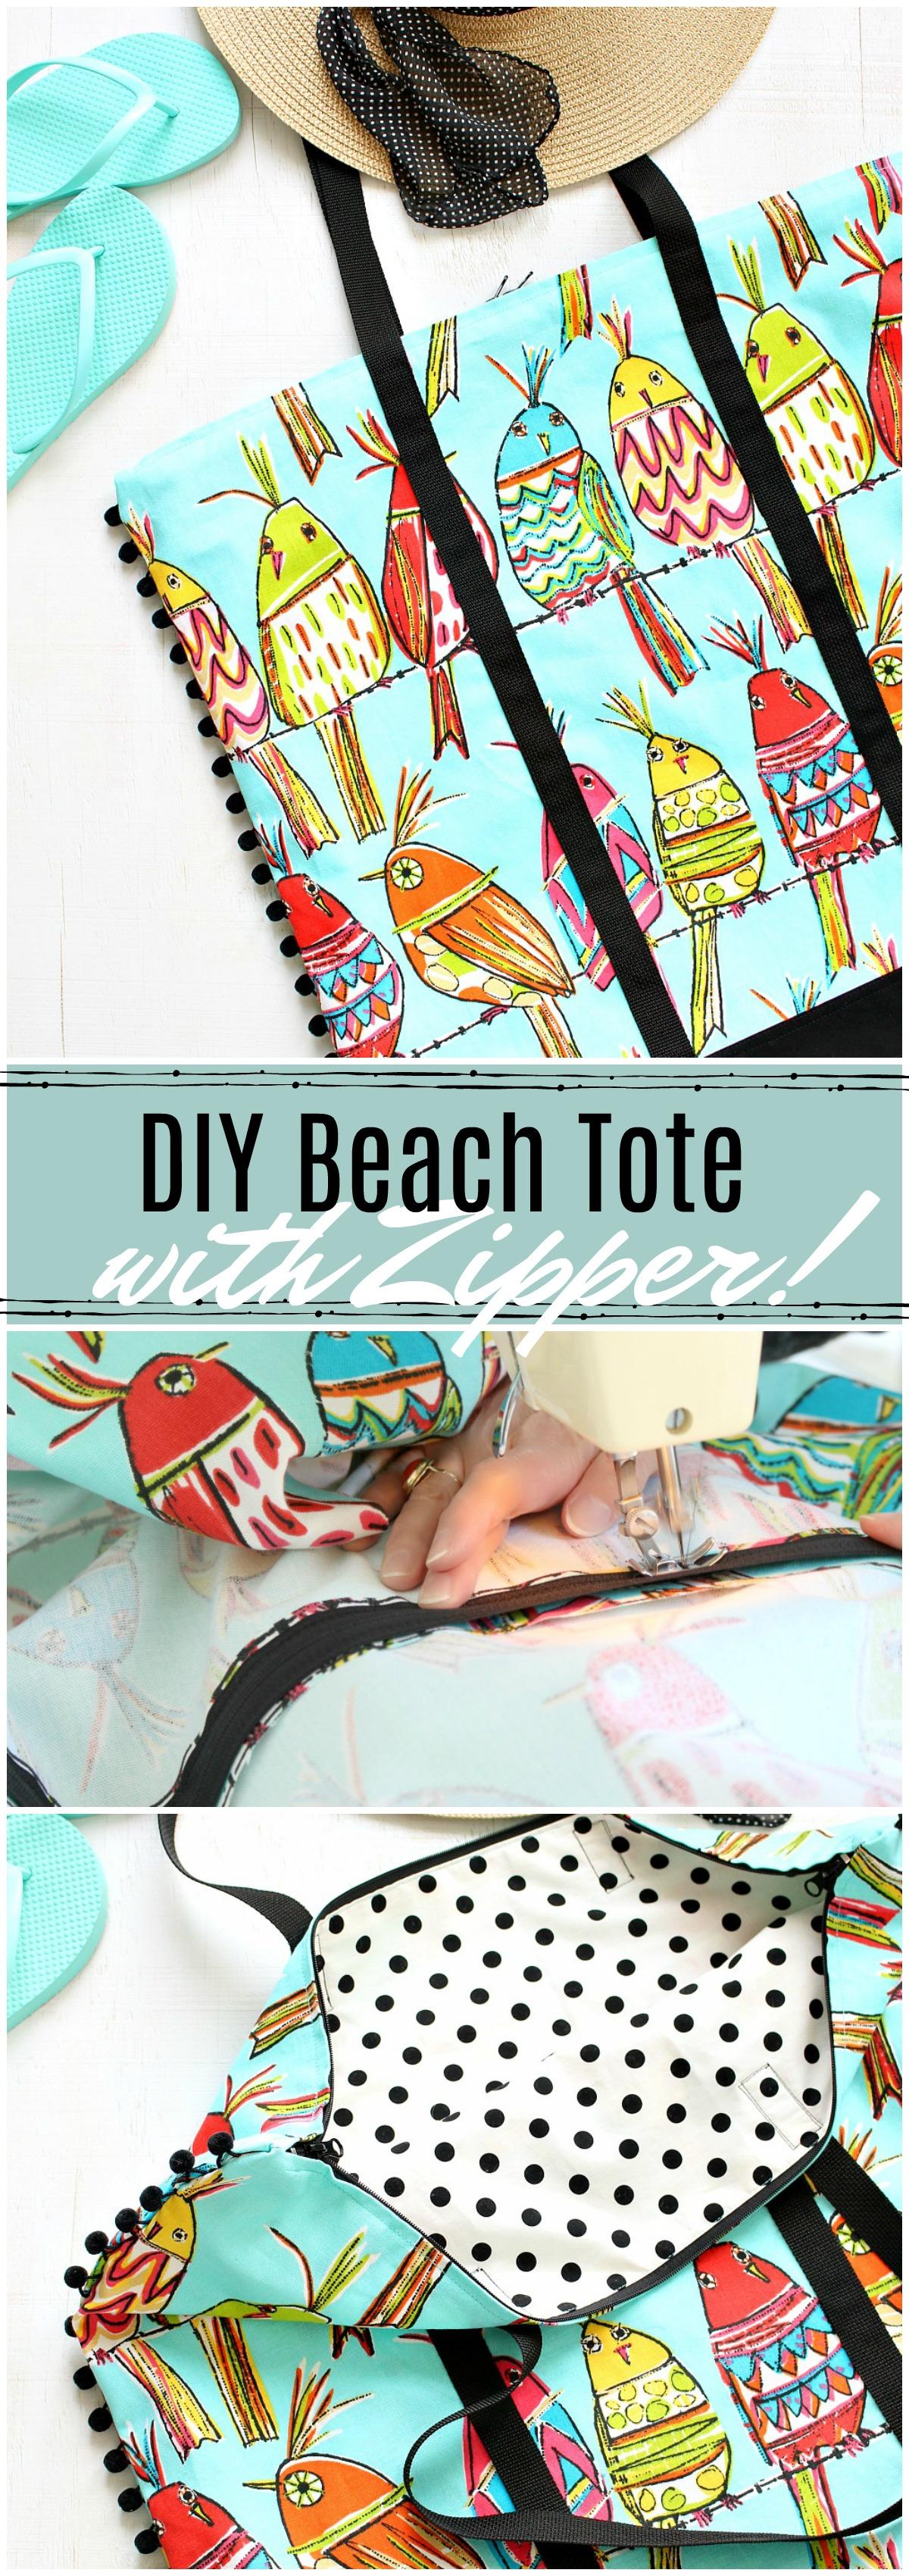 DIY beach tote with zipper